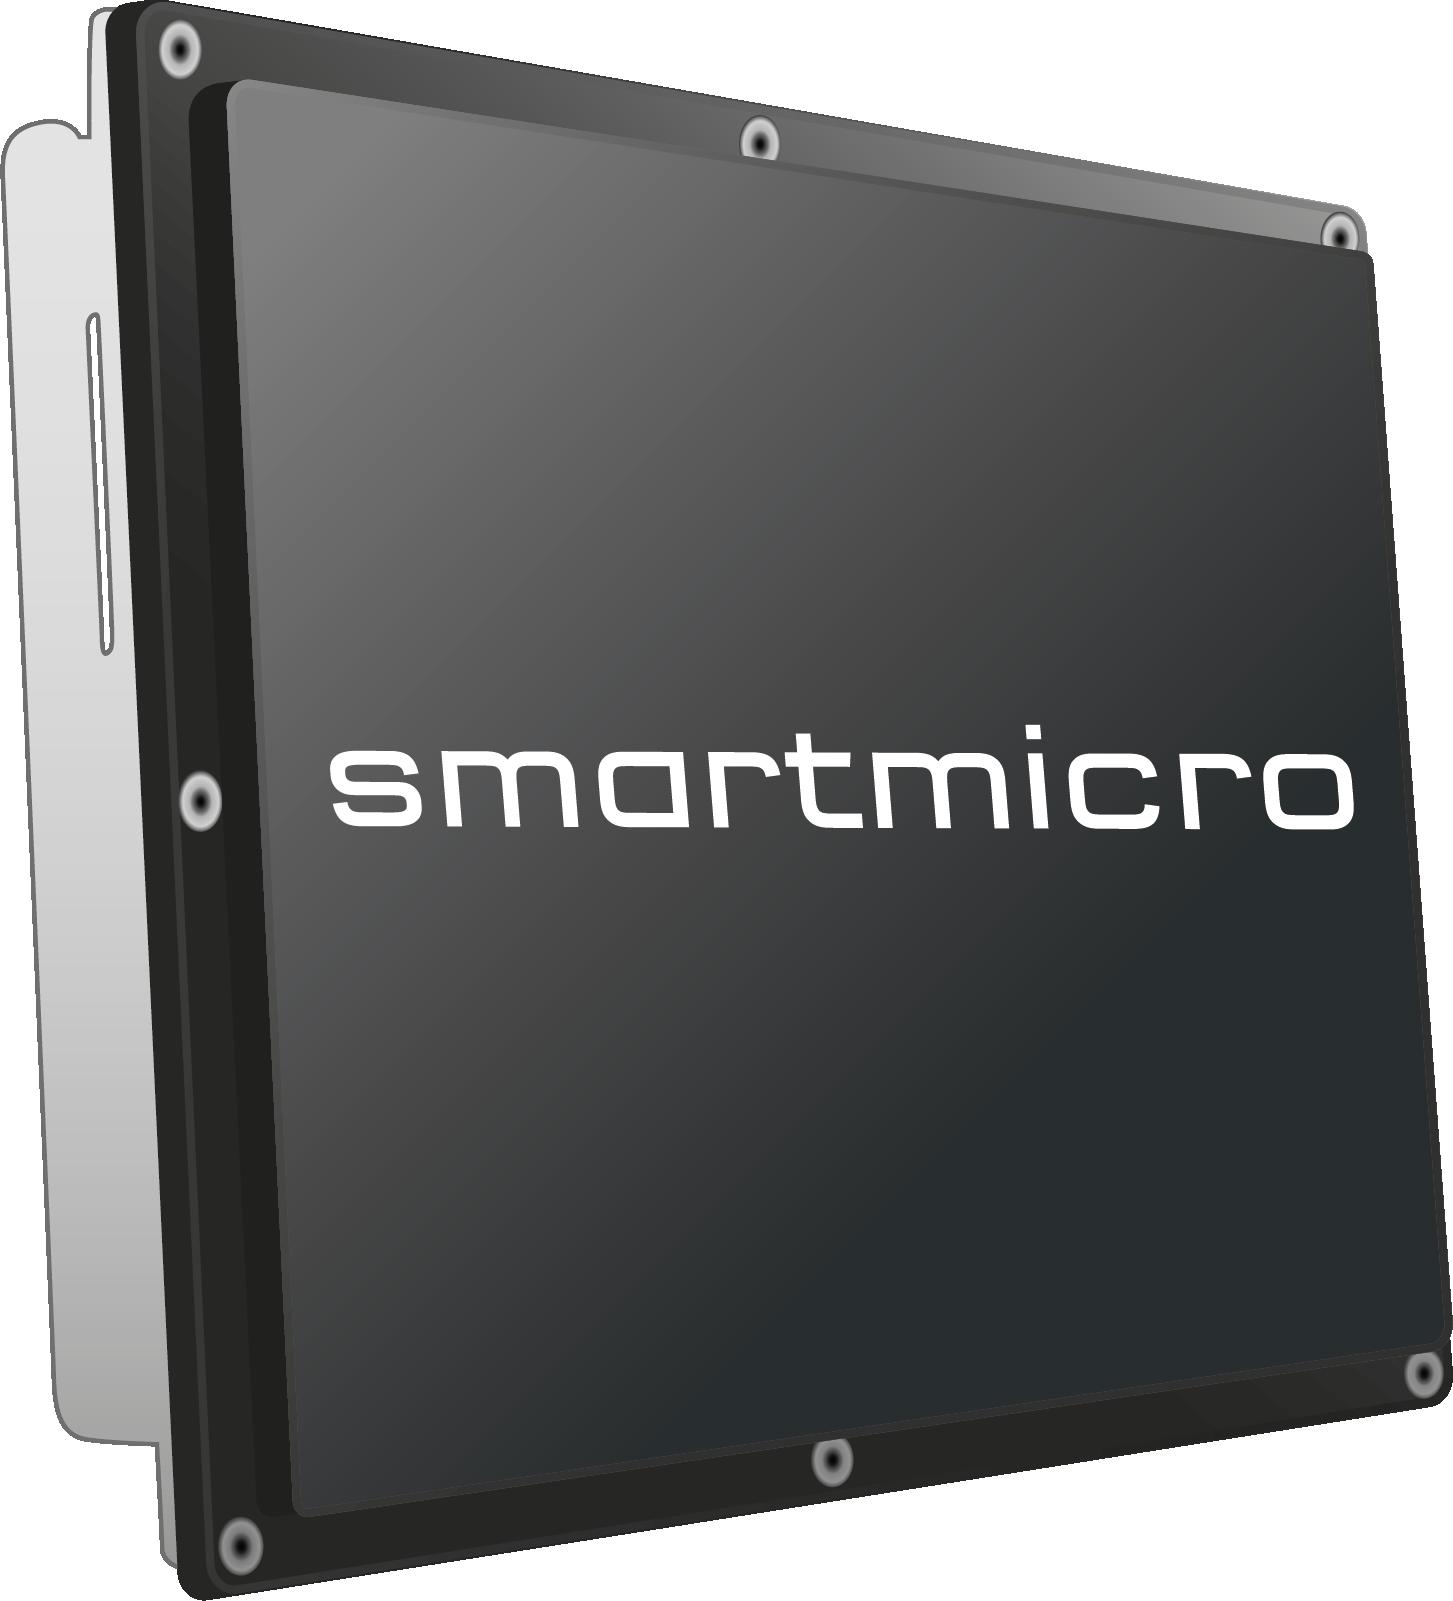 smartmicro UMRR-11 type 132 radar